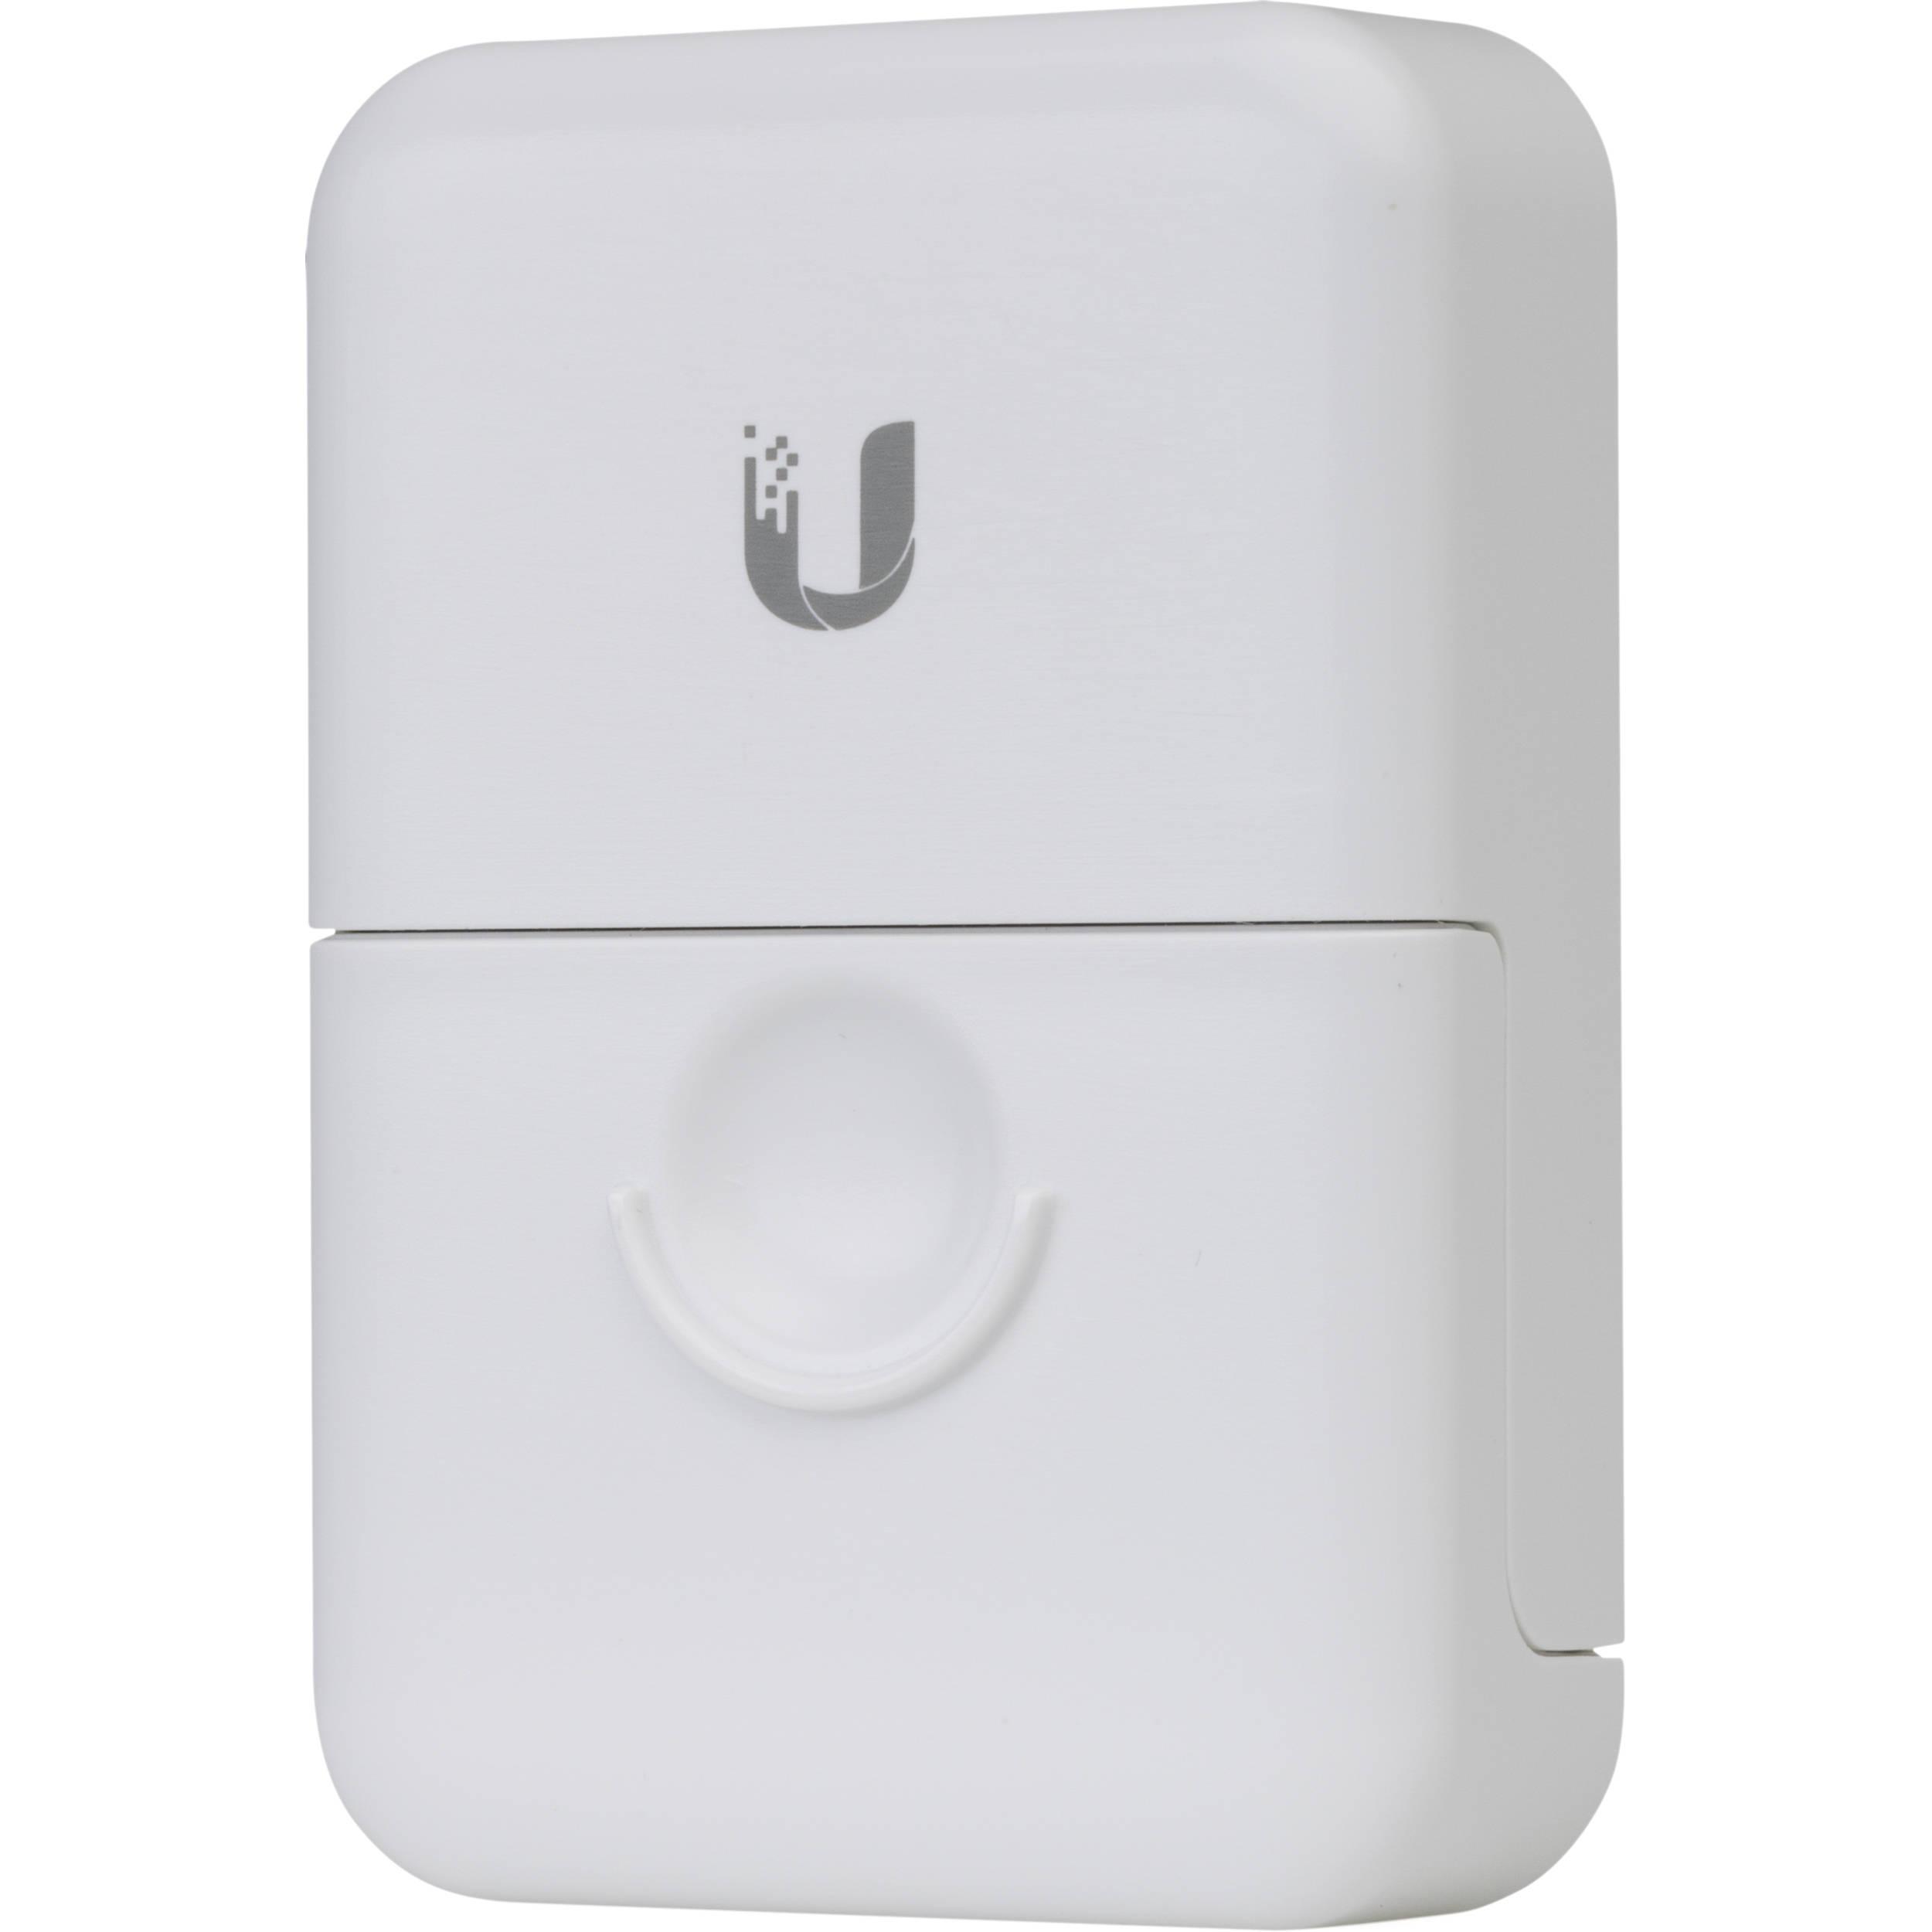 Ubiquiti Networks Eth Sp G2 Ethernet Surge Protector Voltage Circuit Gen 2